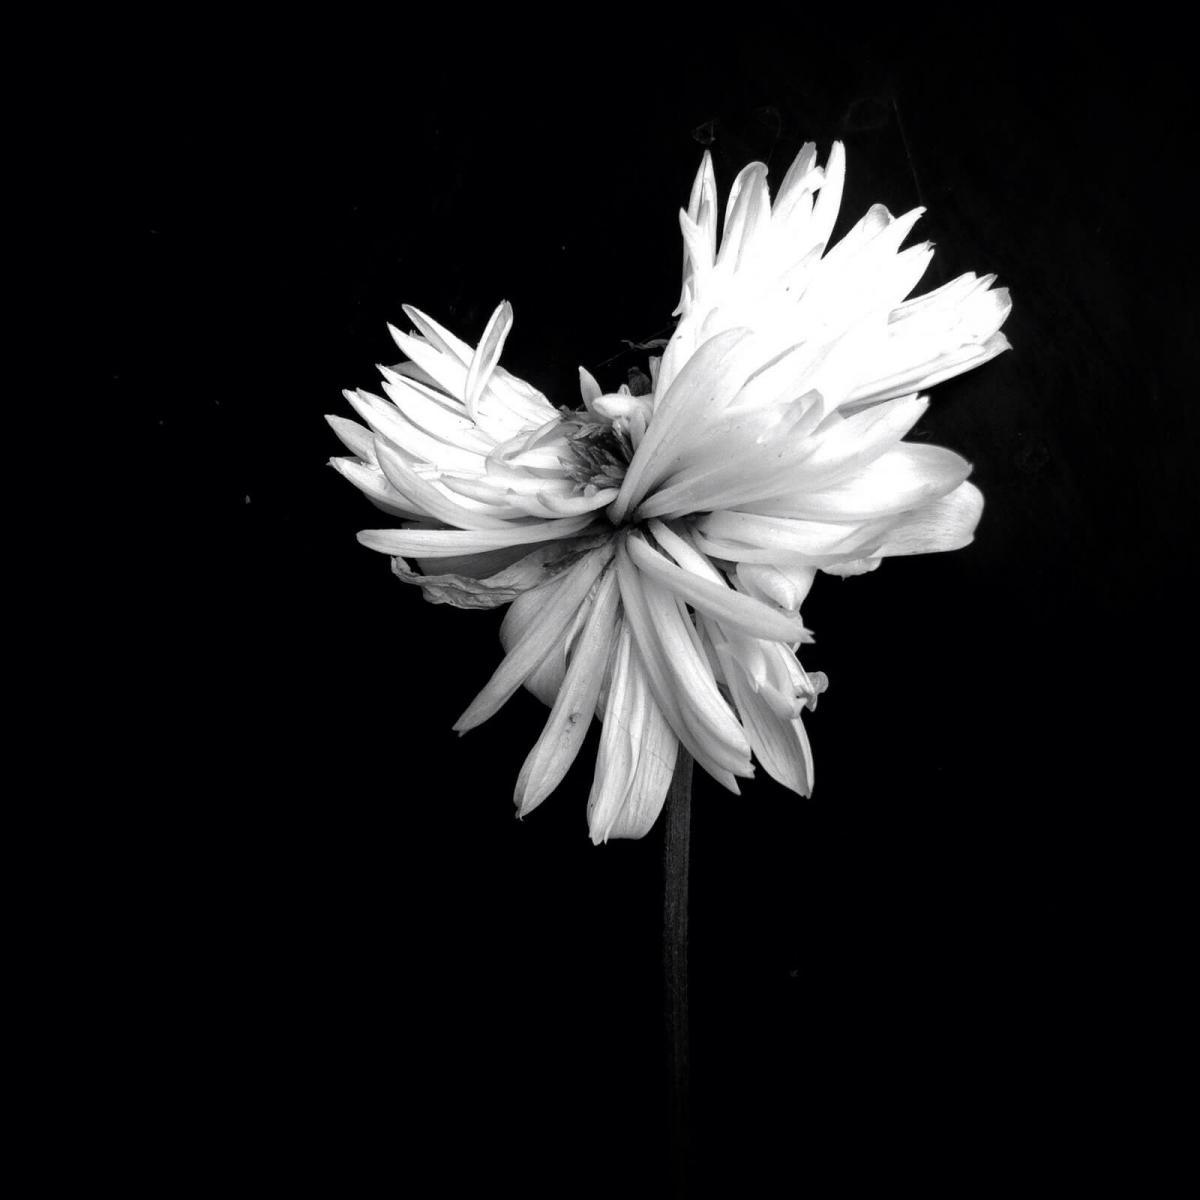 Hạng nhì thuộc về tác phẩm trắng đen của Amo Passicos đến từ Pháp.